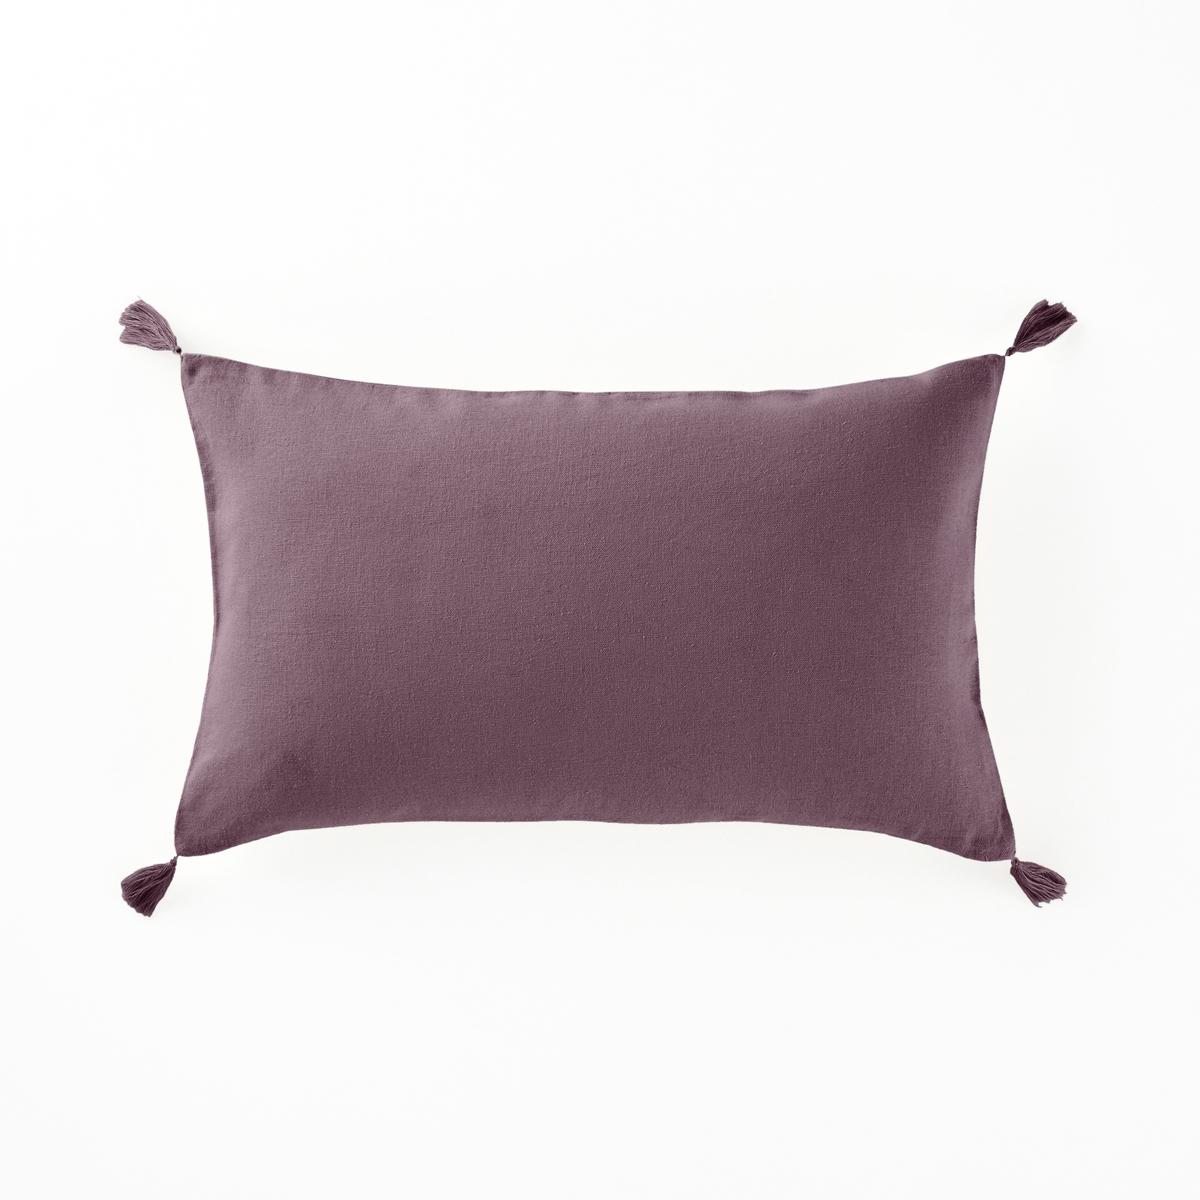 Наволочка на подушку-валик из льна и вискозы, OdorieНаволочка на подушку-валик с кисточками из льна и вискозы,  Odorie, La Redoute Int?rieurs.Наволочка на подушку-валик для ежедневного использования: красивое сочетание льна и вискозы, отделка кисточками.Характеристики чехла для подушки :Материал : 55% льна, 45% вискозыЗастежка на скрытую молнию. Уход : Машинная стирка при 40 °С. Отделка кисточками по 4 углам.Размеры наволочки на подушку-валик :50 x 30 см.    Уход :Следуйте рекомендациям по уходу, указанным на этикетке изделия.  Знак Oeko-Tex® гарантирует, что товары прошли проверку и были изготовлены без применения вредных для здоровья человека веществ.<br><br>Цвет: бежевый,гранатовый,сине-зеленый,ярко-фиолетовый<br>Размер: 50 x 30 см.50 x 30 см.50 x 30 см.50 x 30 см